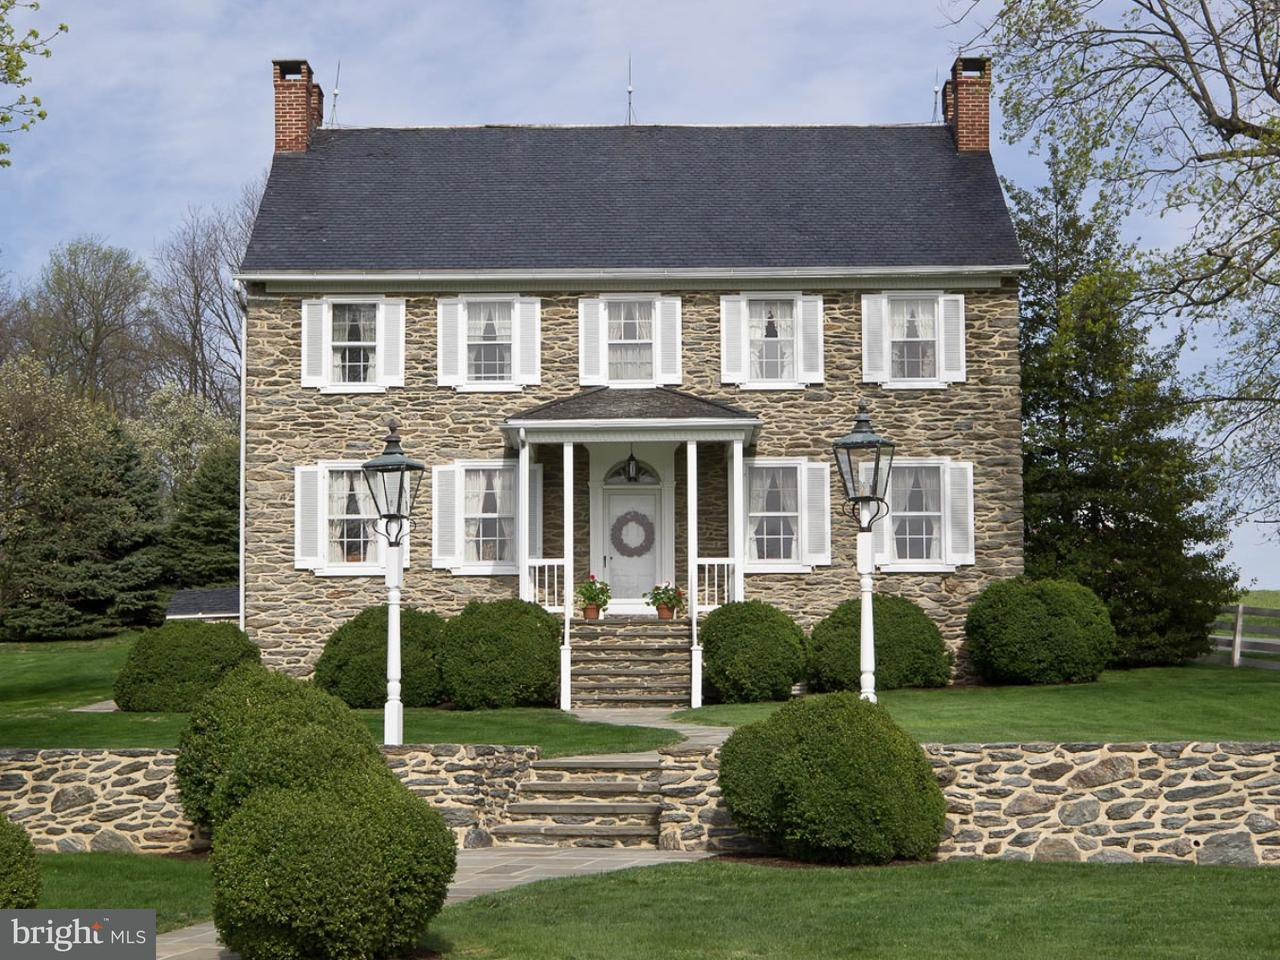 Casa Unifamiliar por un Venta en 1115 ROBERT FULTON HWY Quarryville, Pennsylvania 17566 Estados Unidos